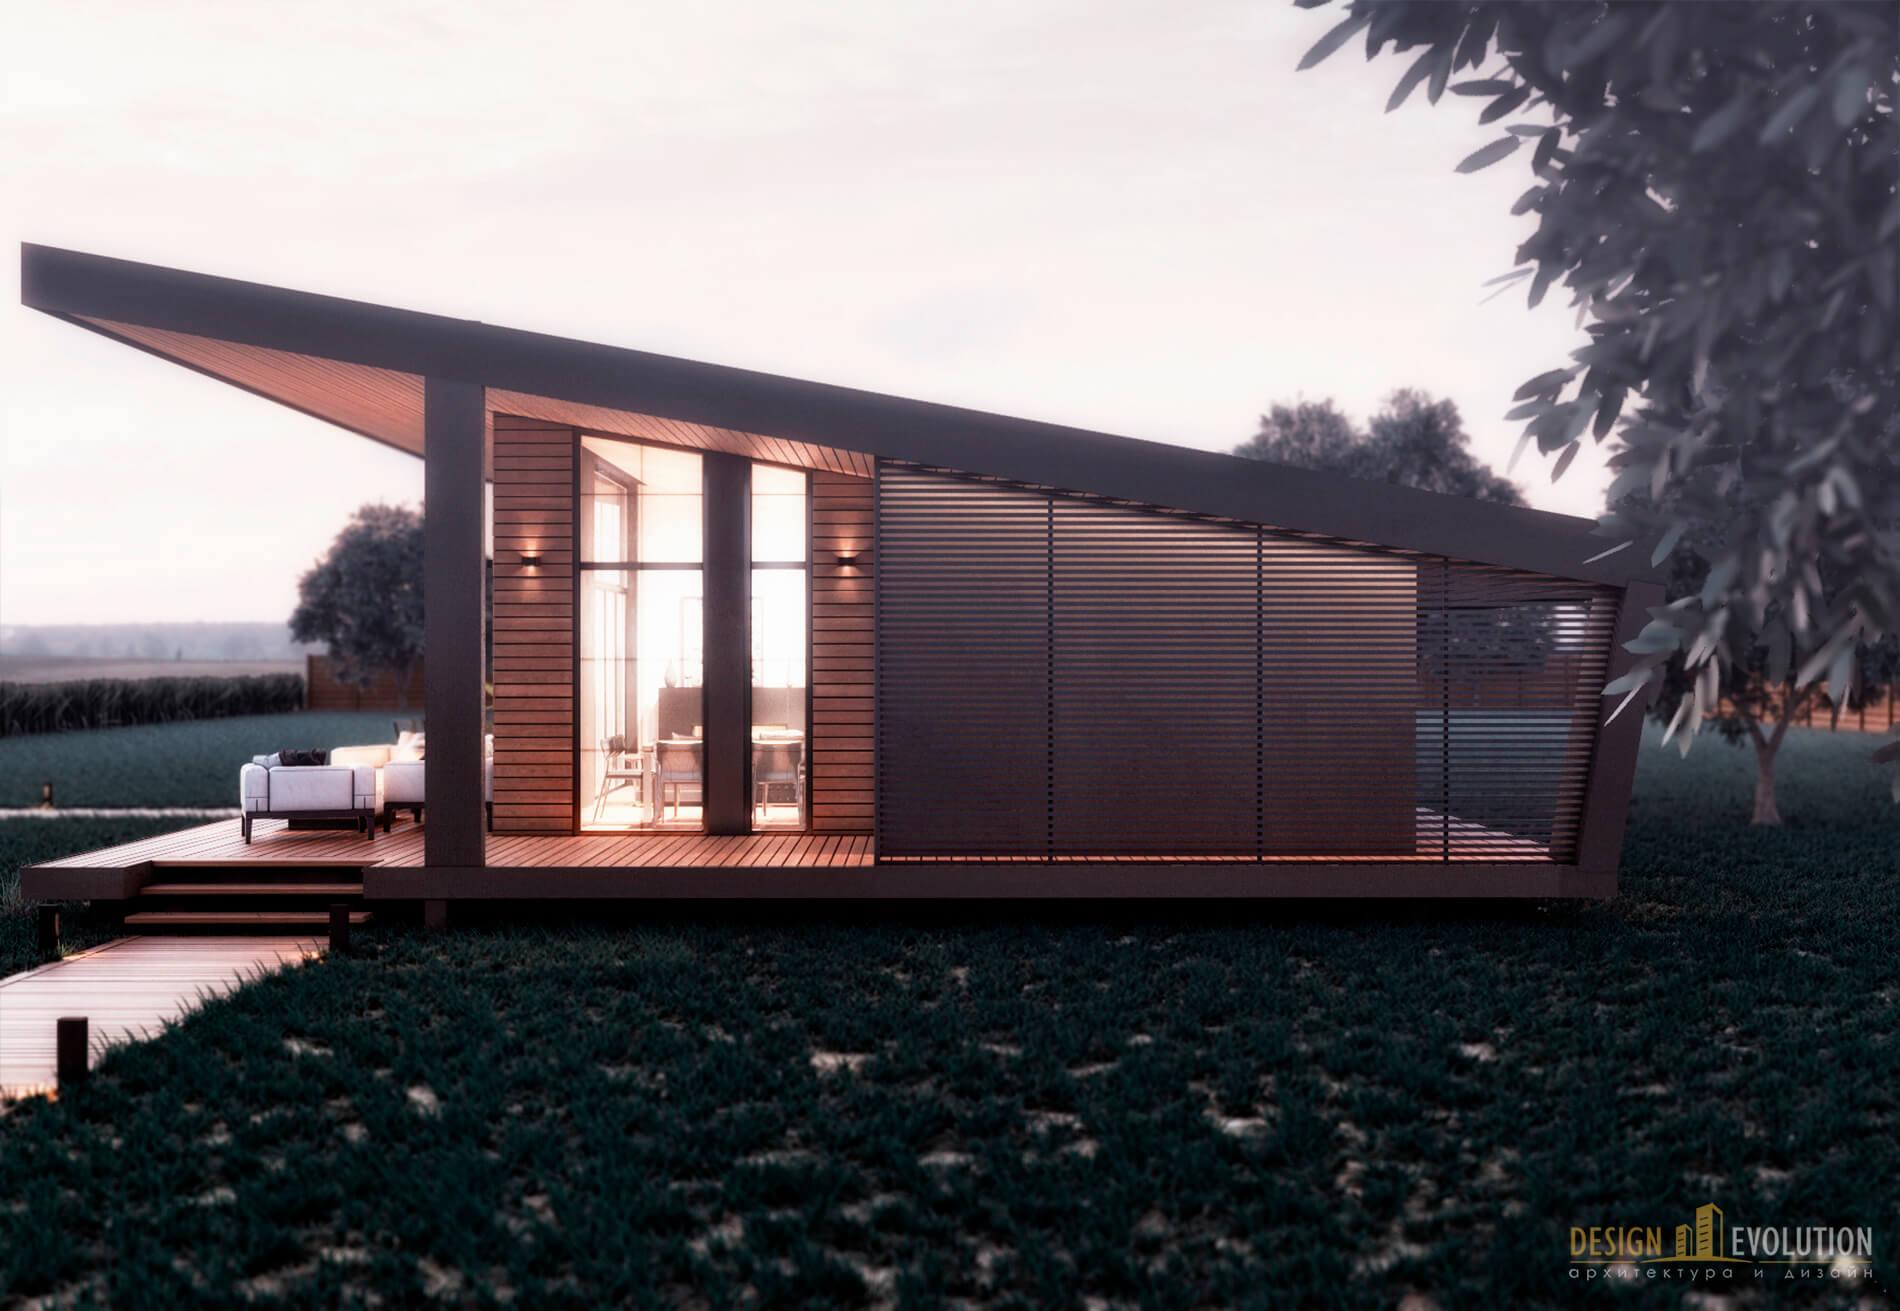 рхітектурний проект - Будинок рибалки в Києві